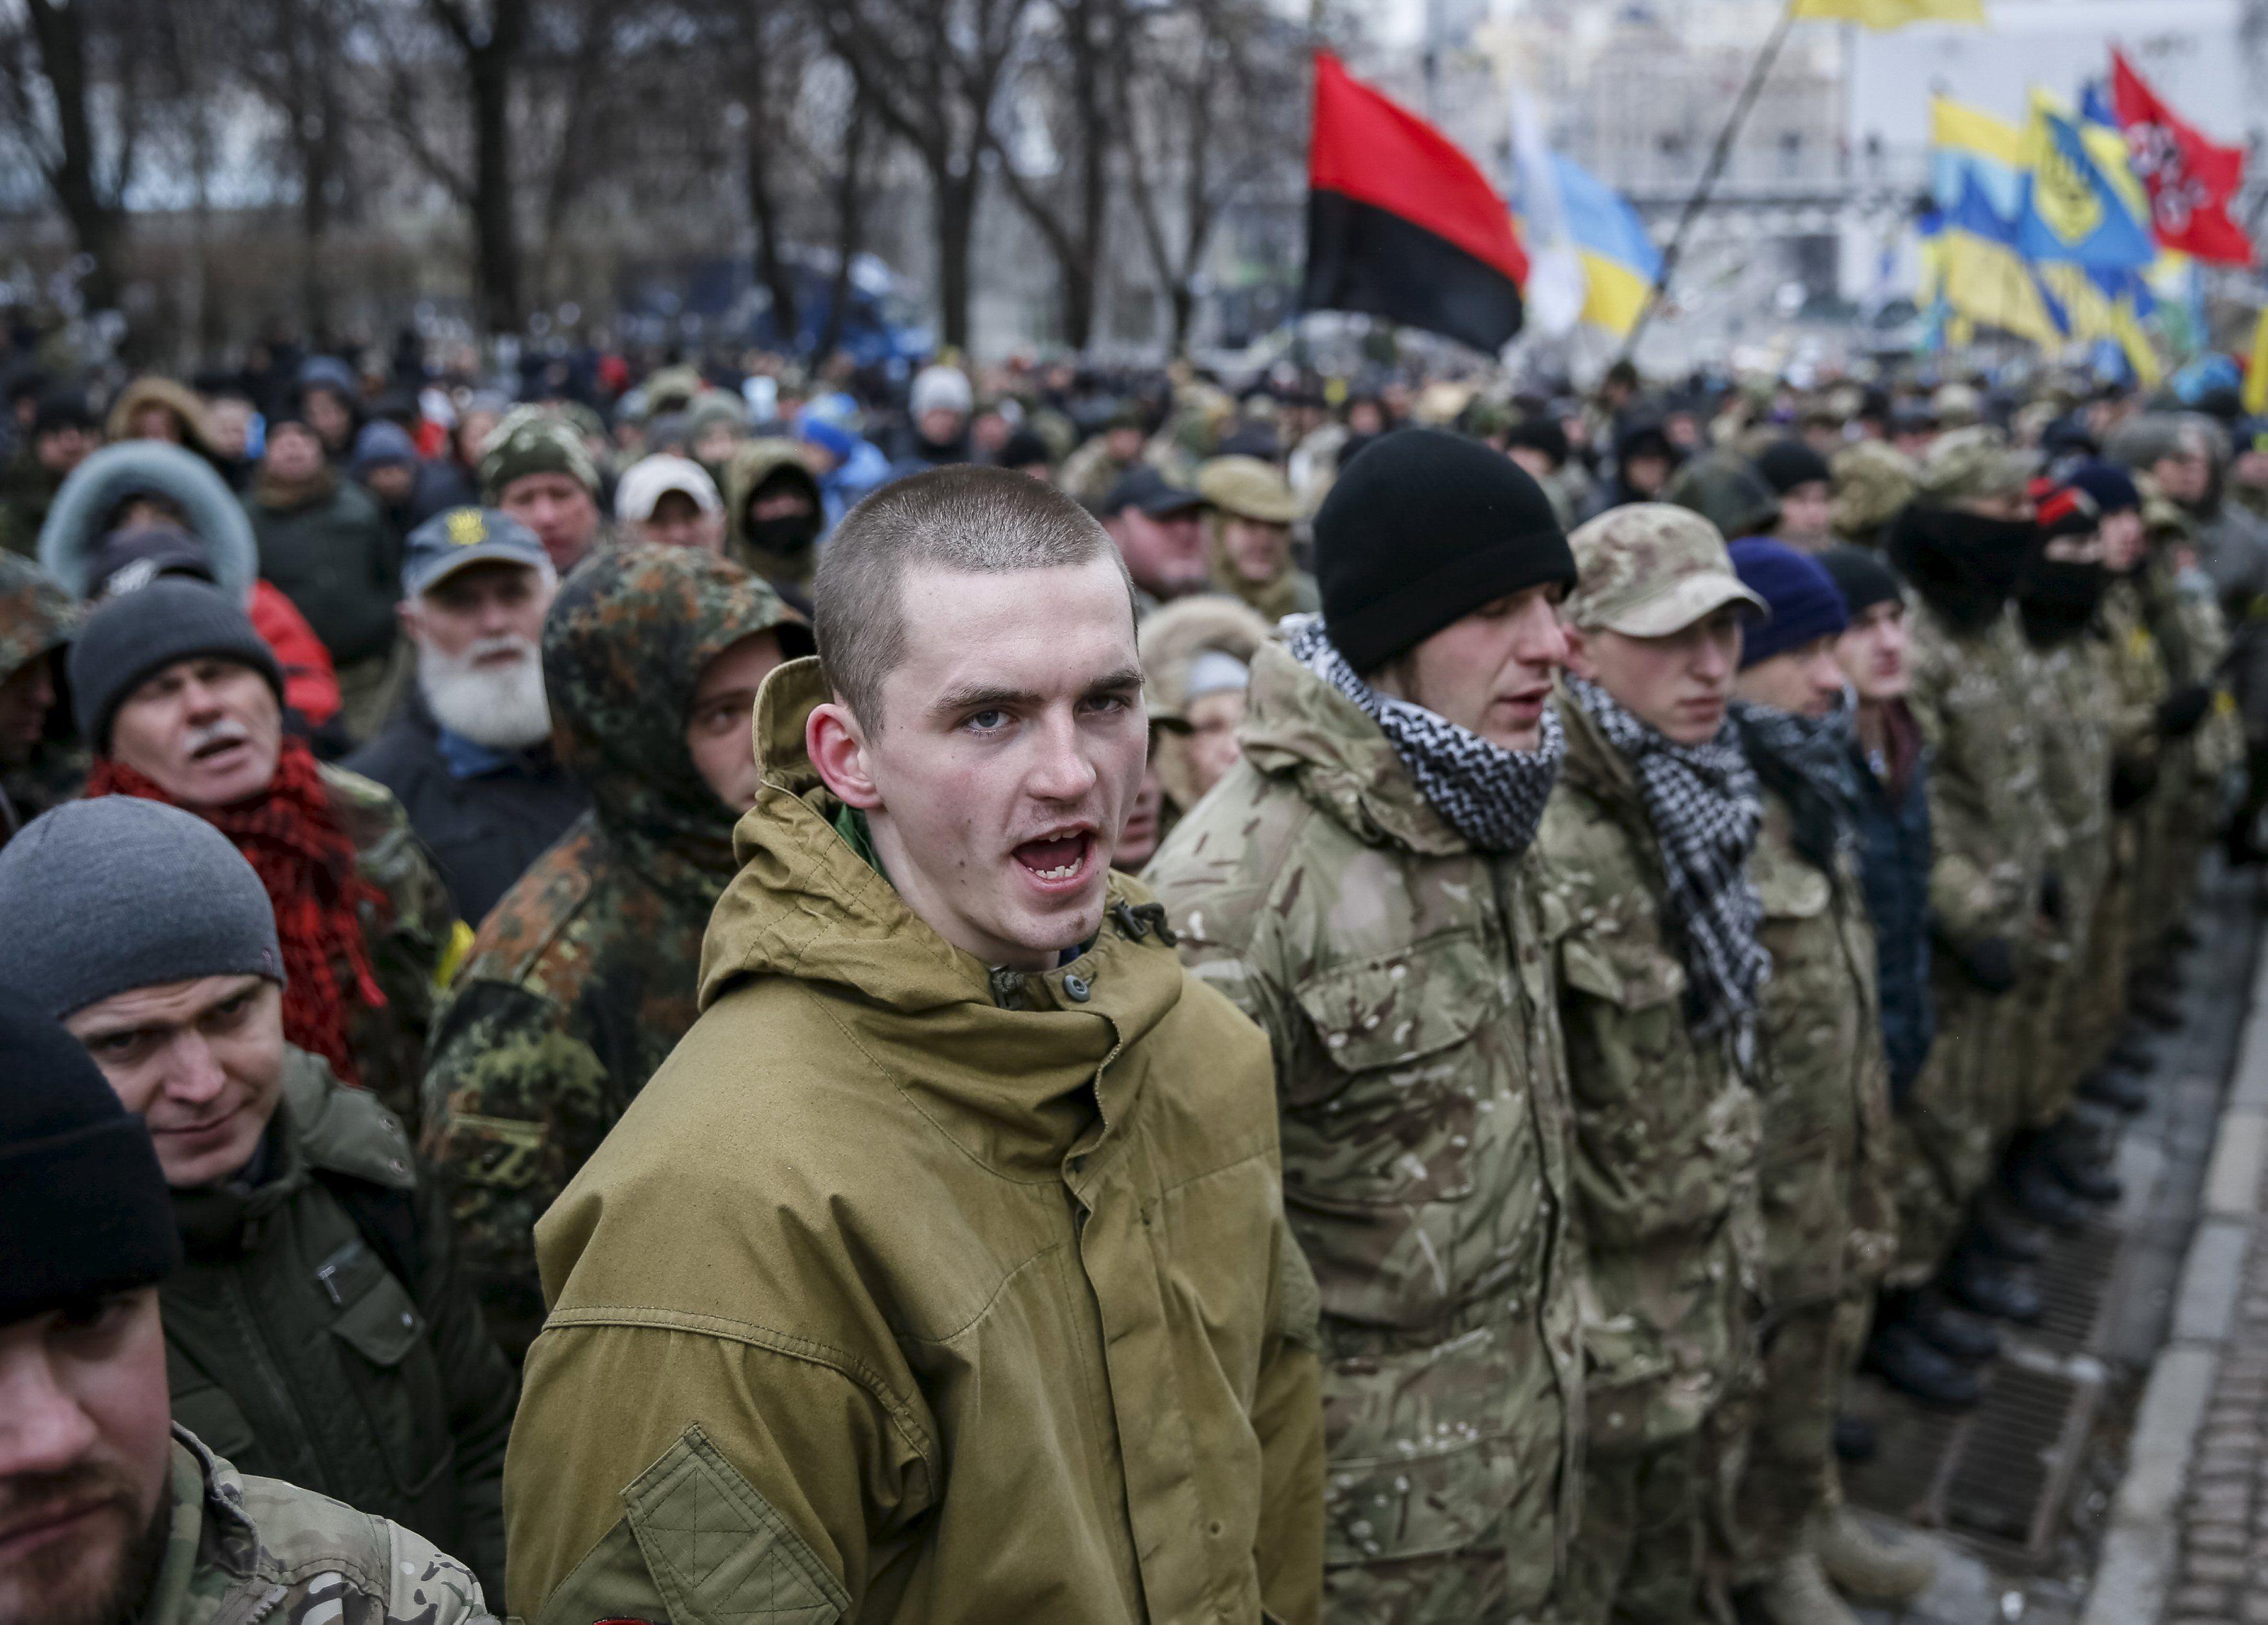 картинки что происходит на украине сегодня клубники тёмно-красный